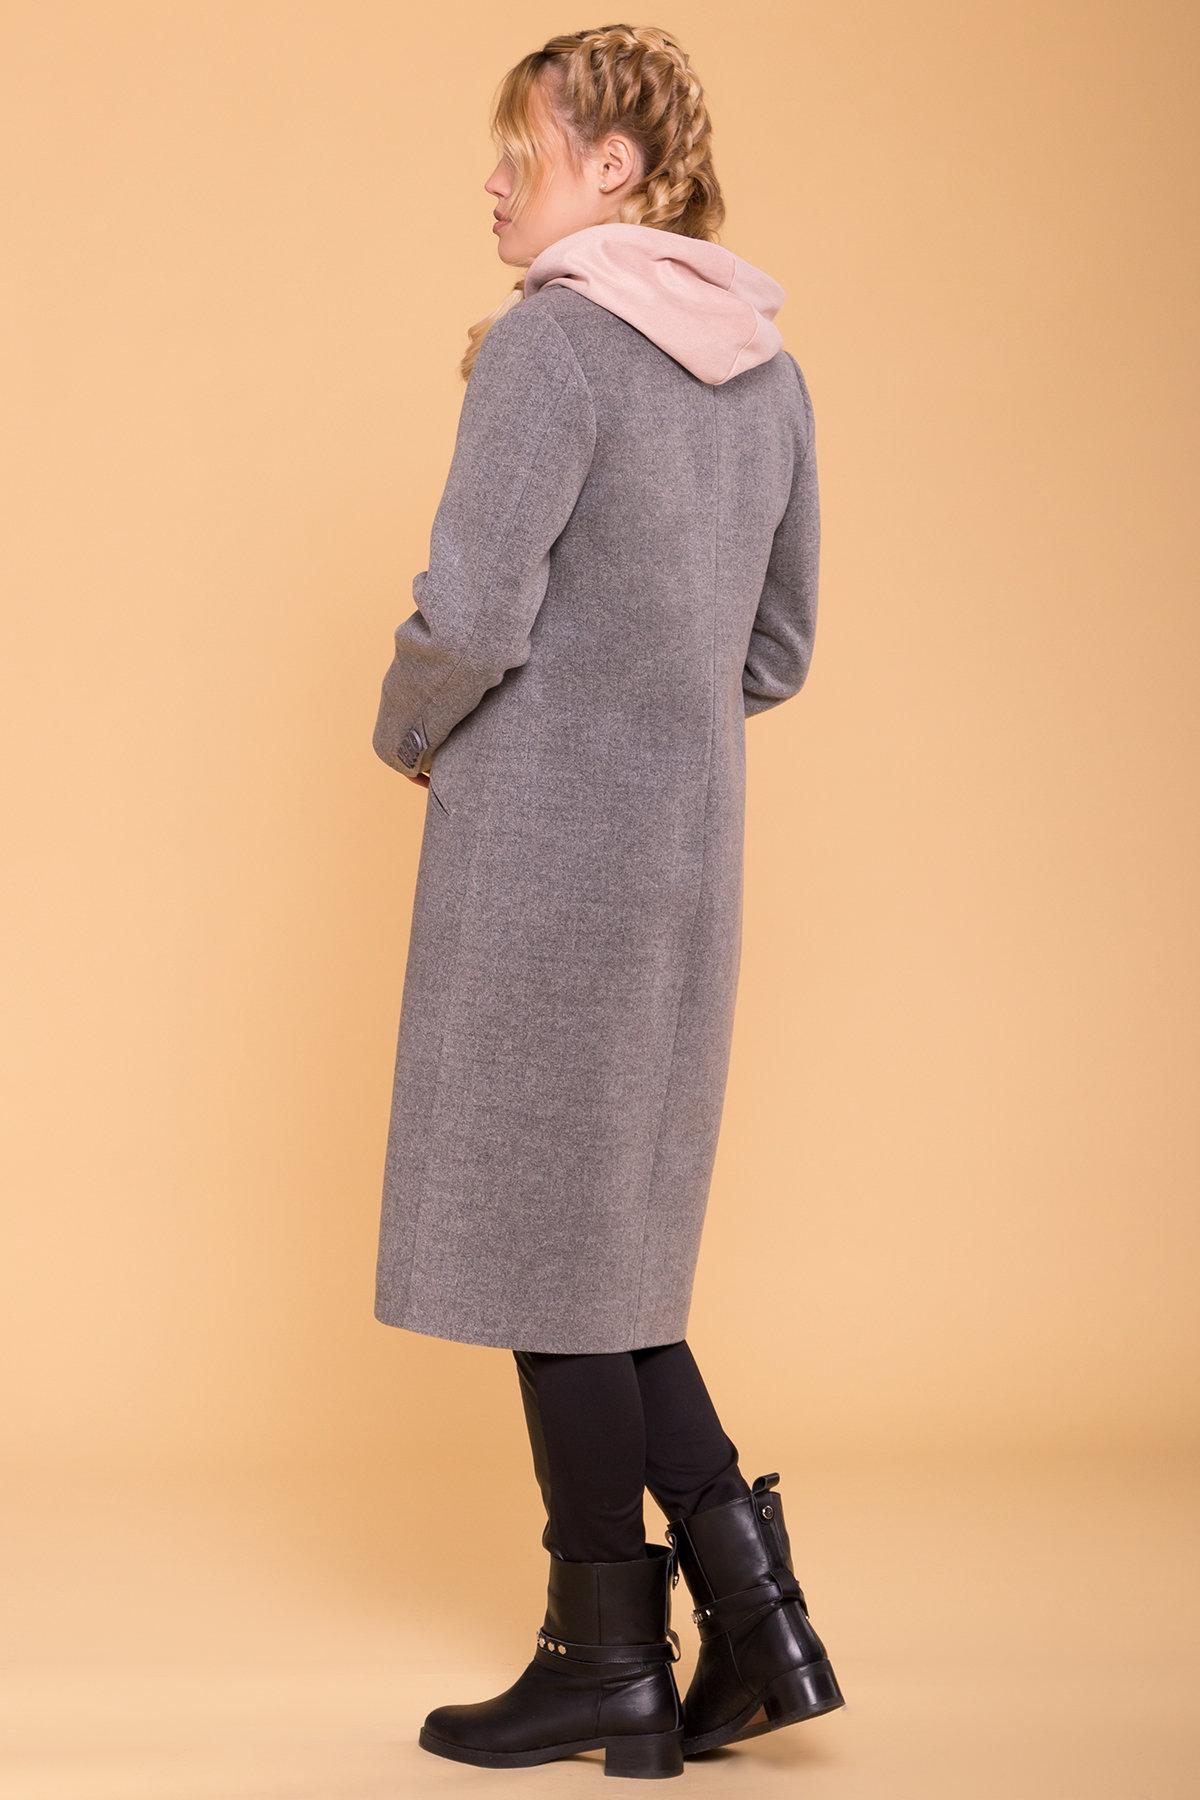 Демисезонное Эрли 6335 АРТ. 41144 Цвет: Серый 18 - фото 2, интернет магазин tm-modus.ru